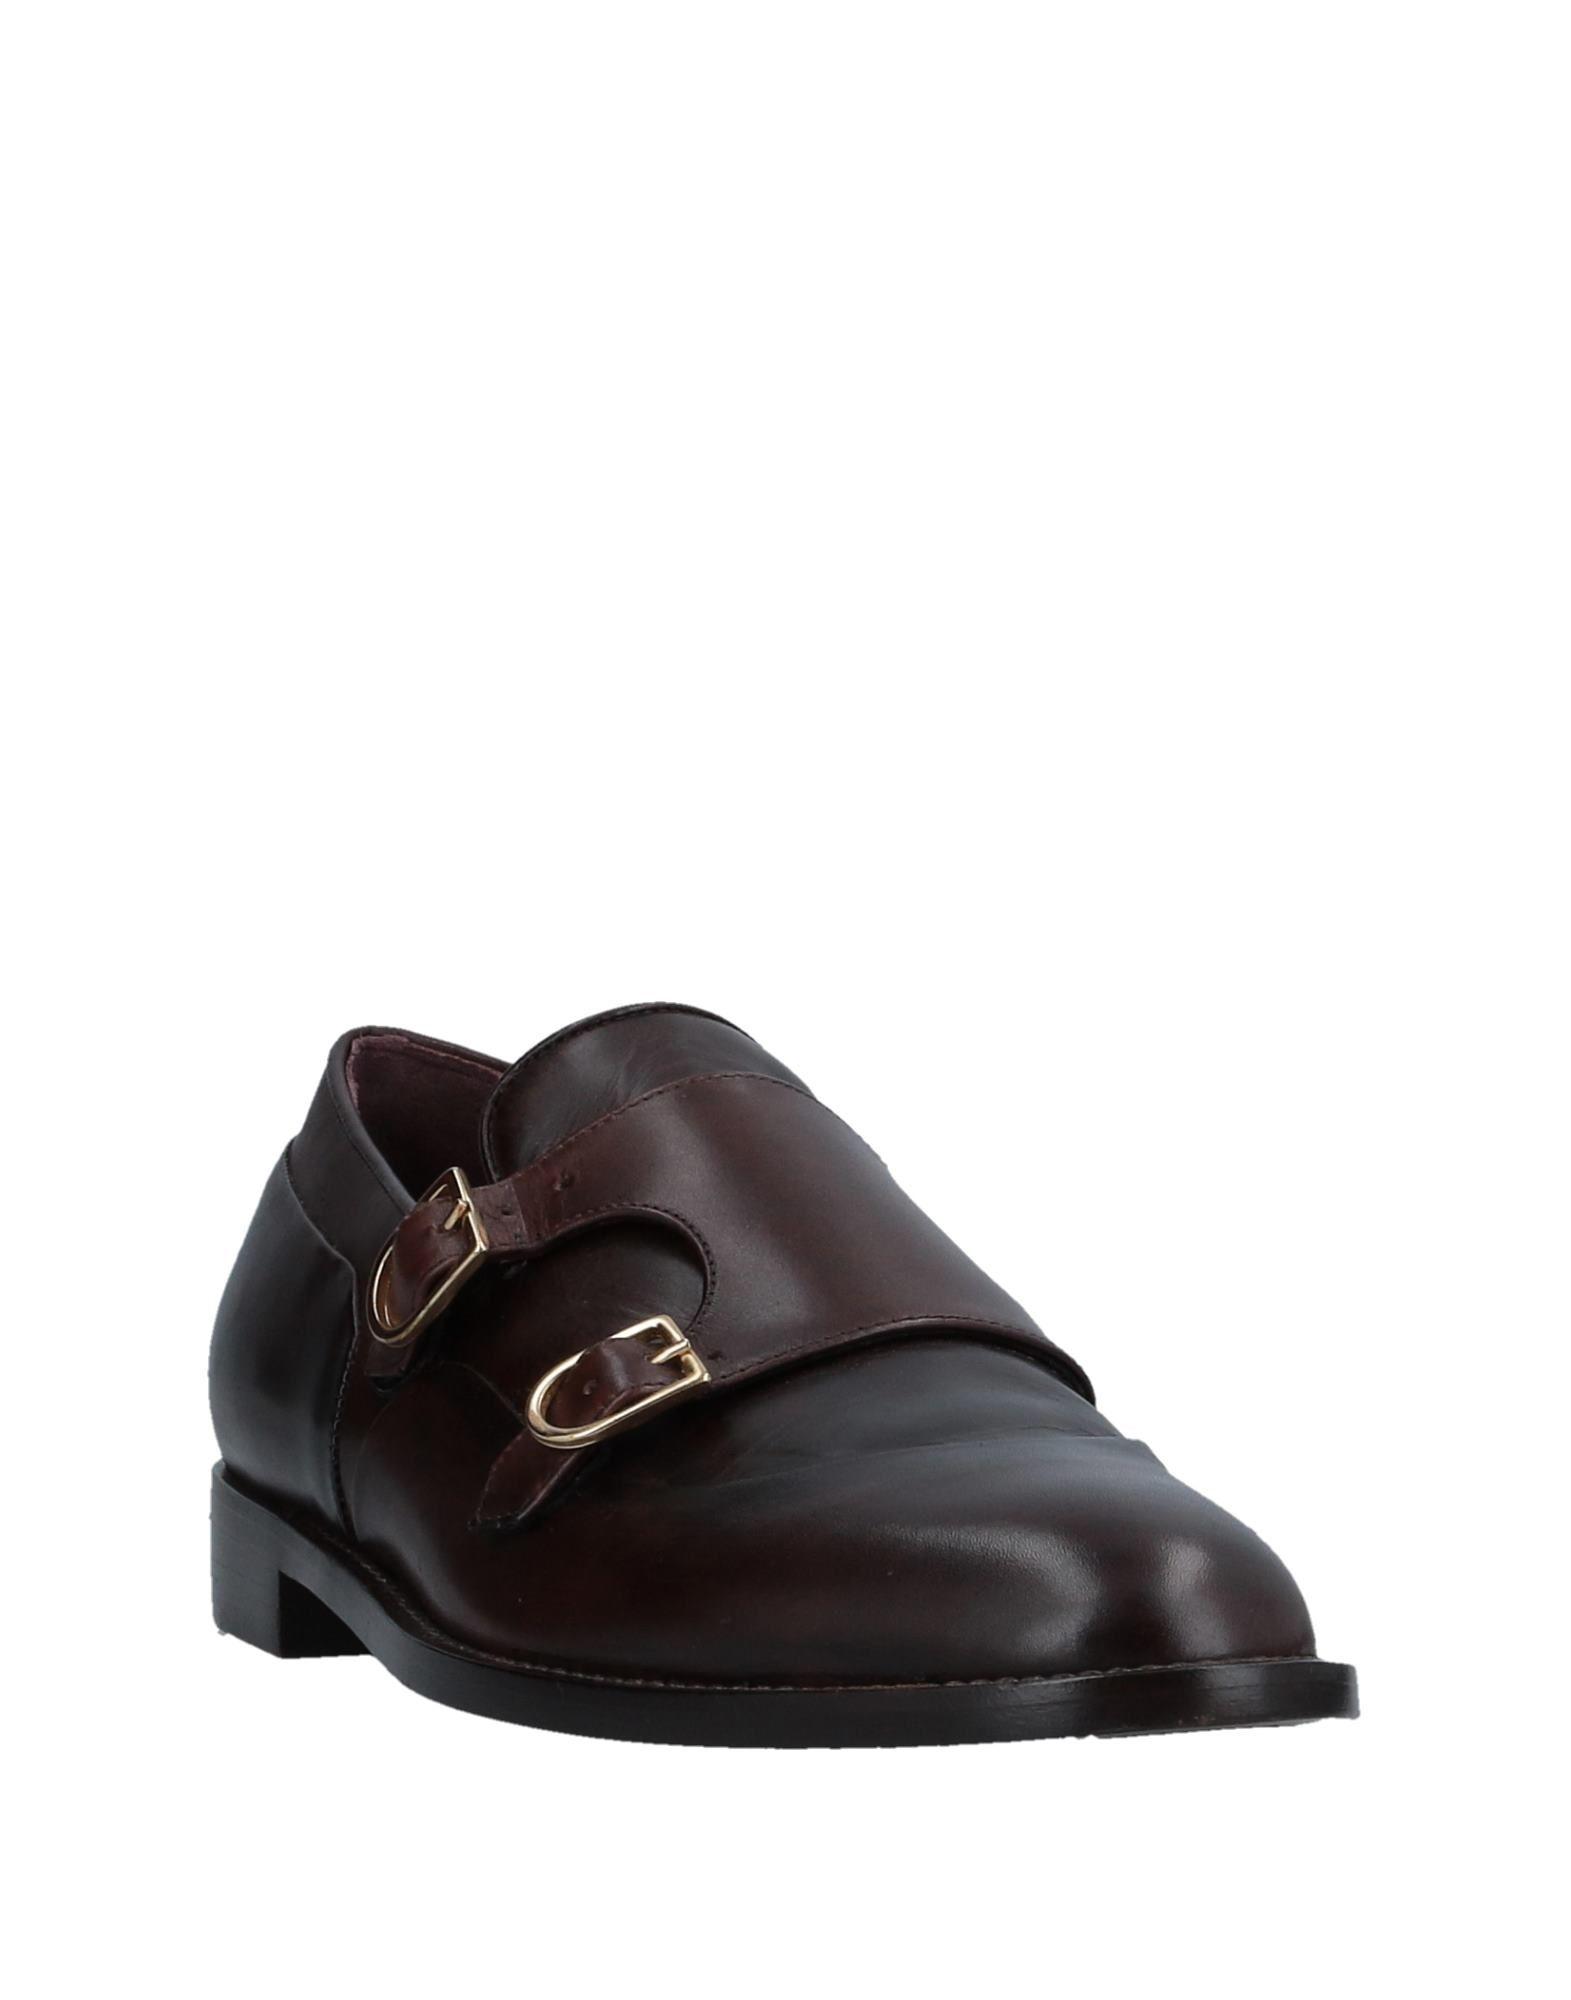 Edhèn 11508052XG Milano Mokassins Herren  11508052XG Edhèn Gute Qualität beliebte Schuhe 80d70f